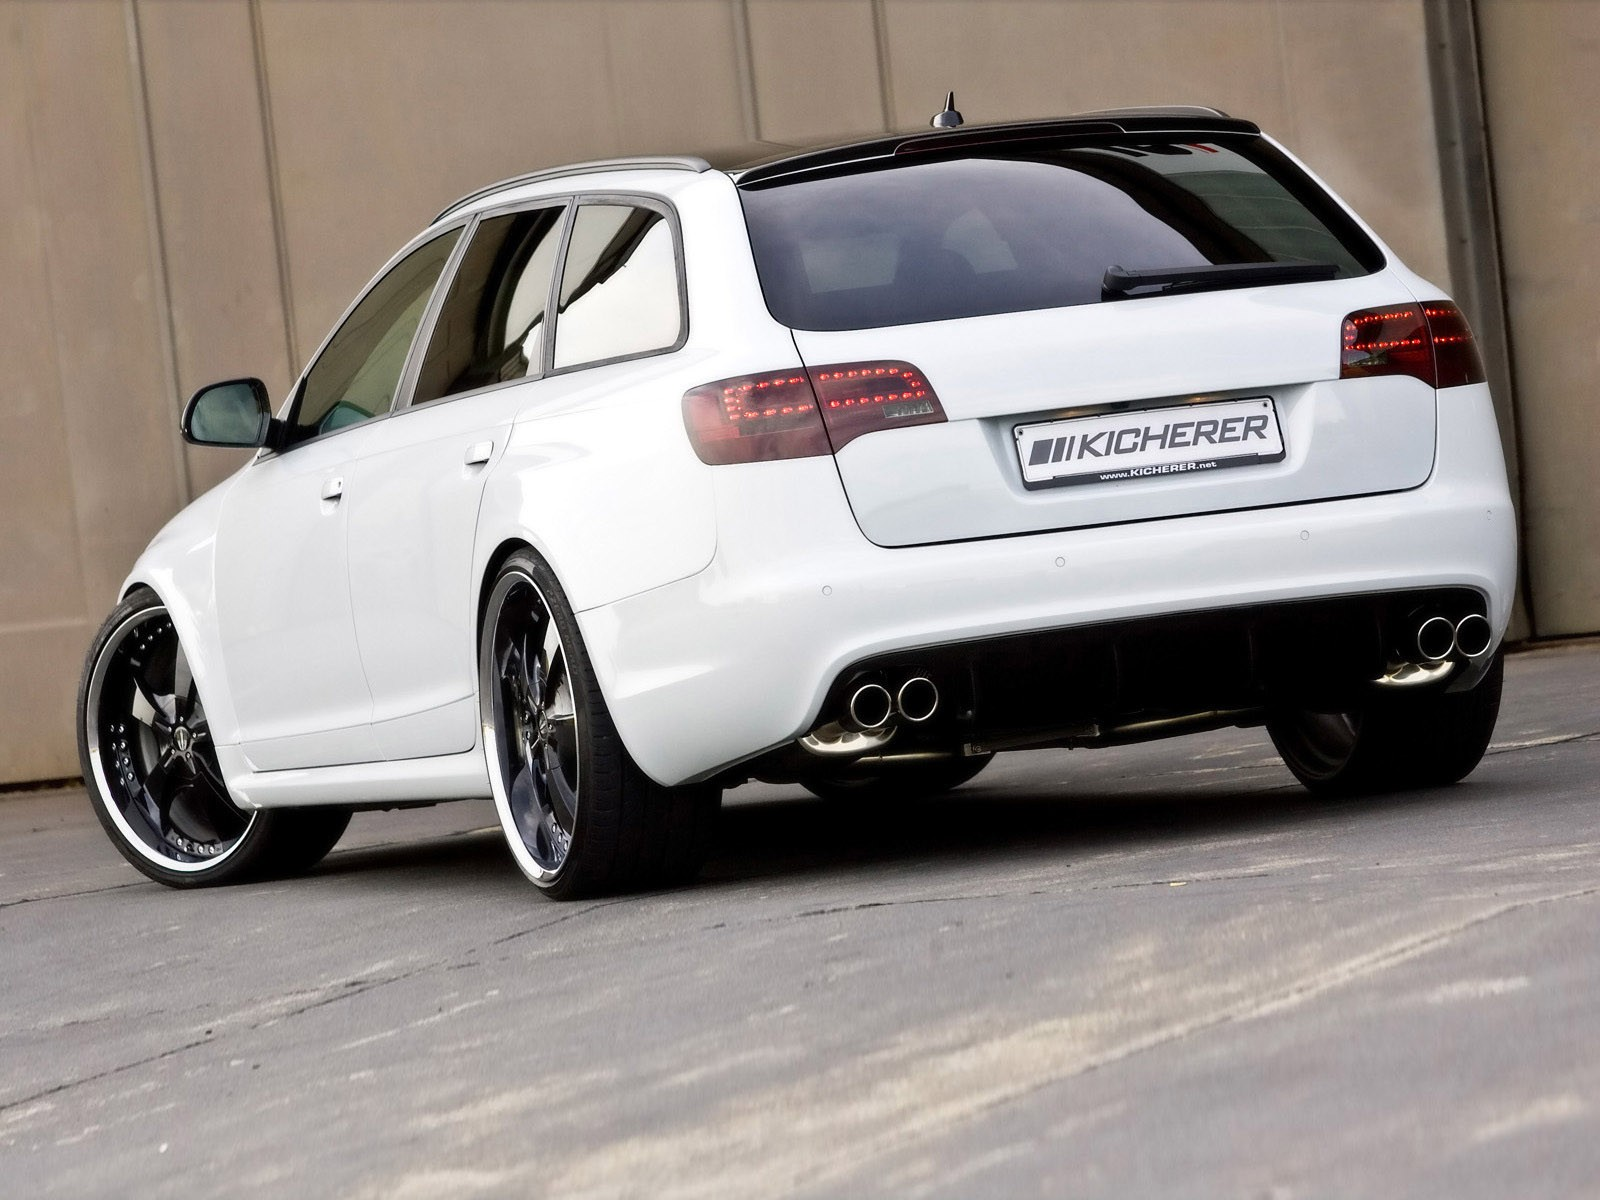 Kicherer_Audi RS6 Street 4F C6 2008